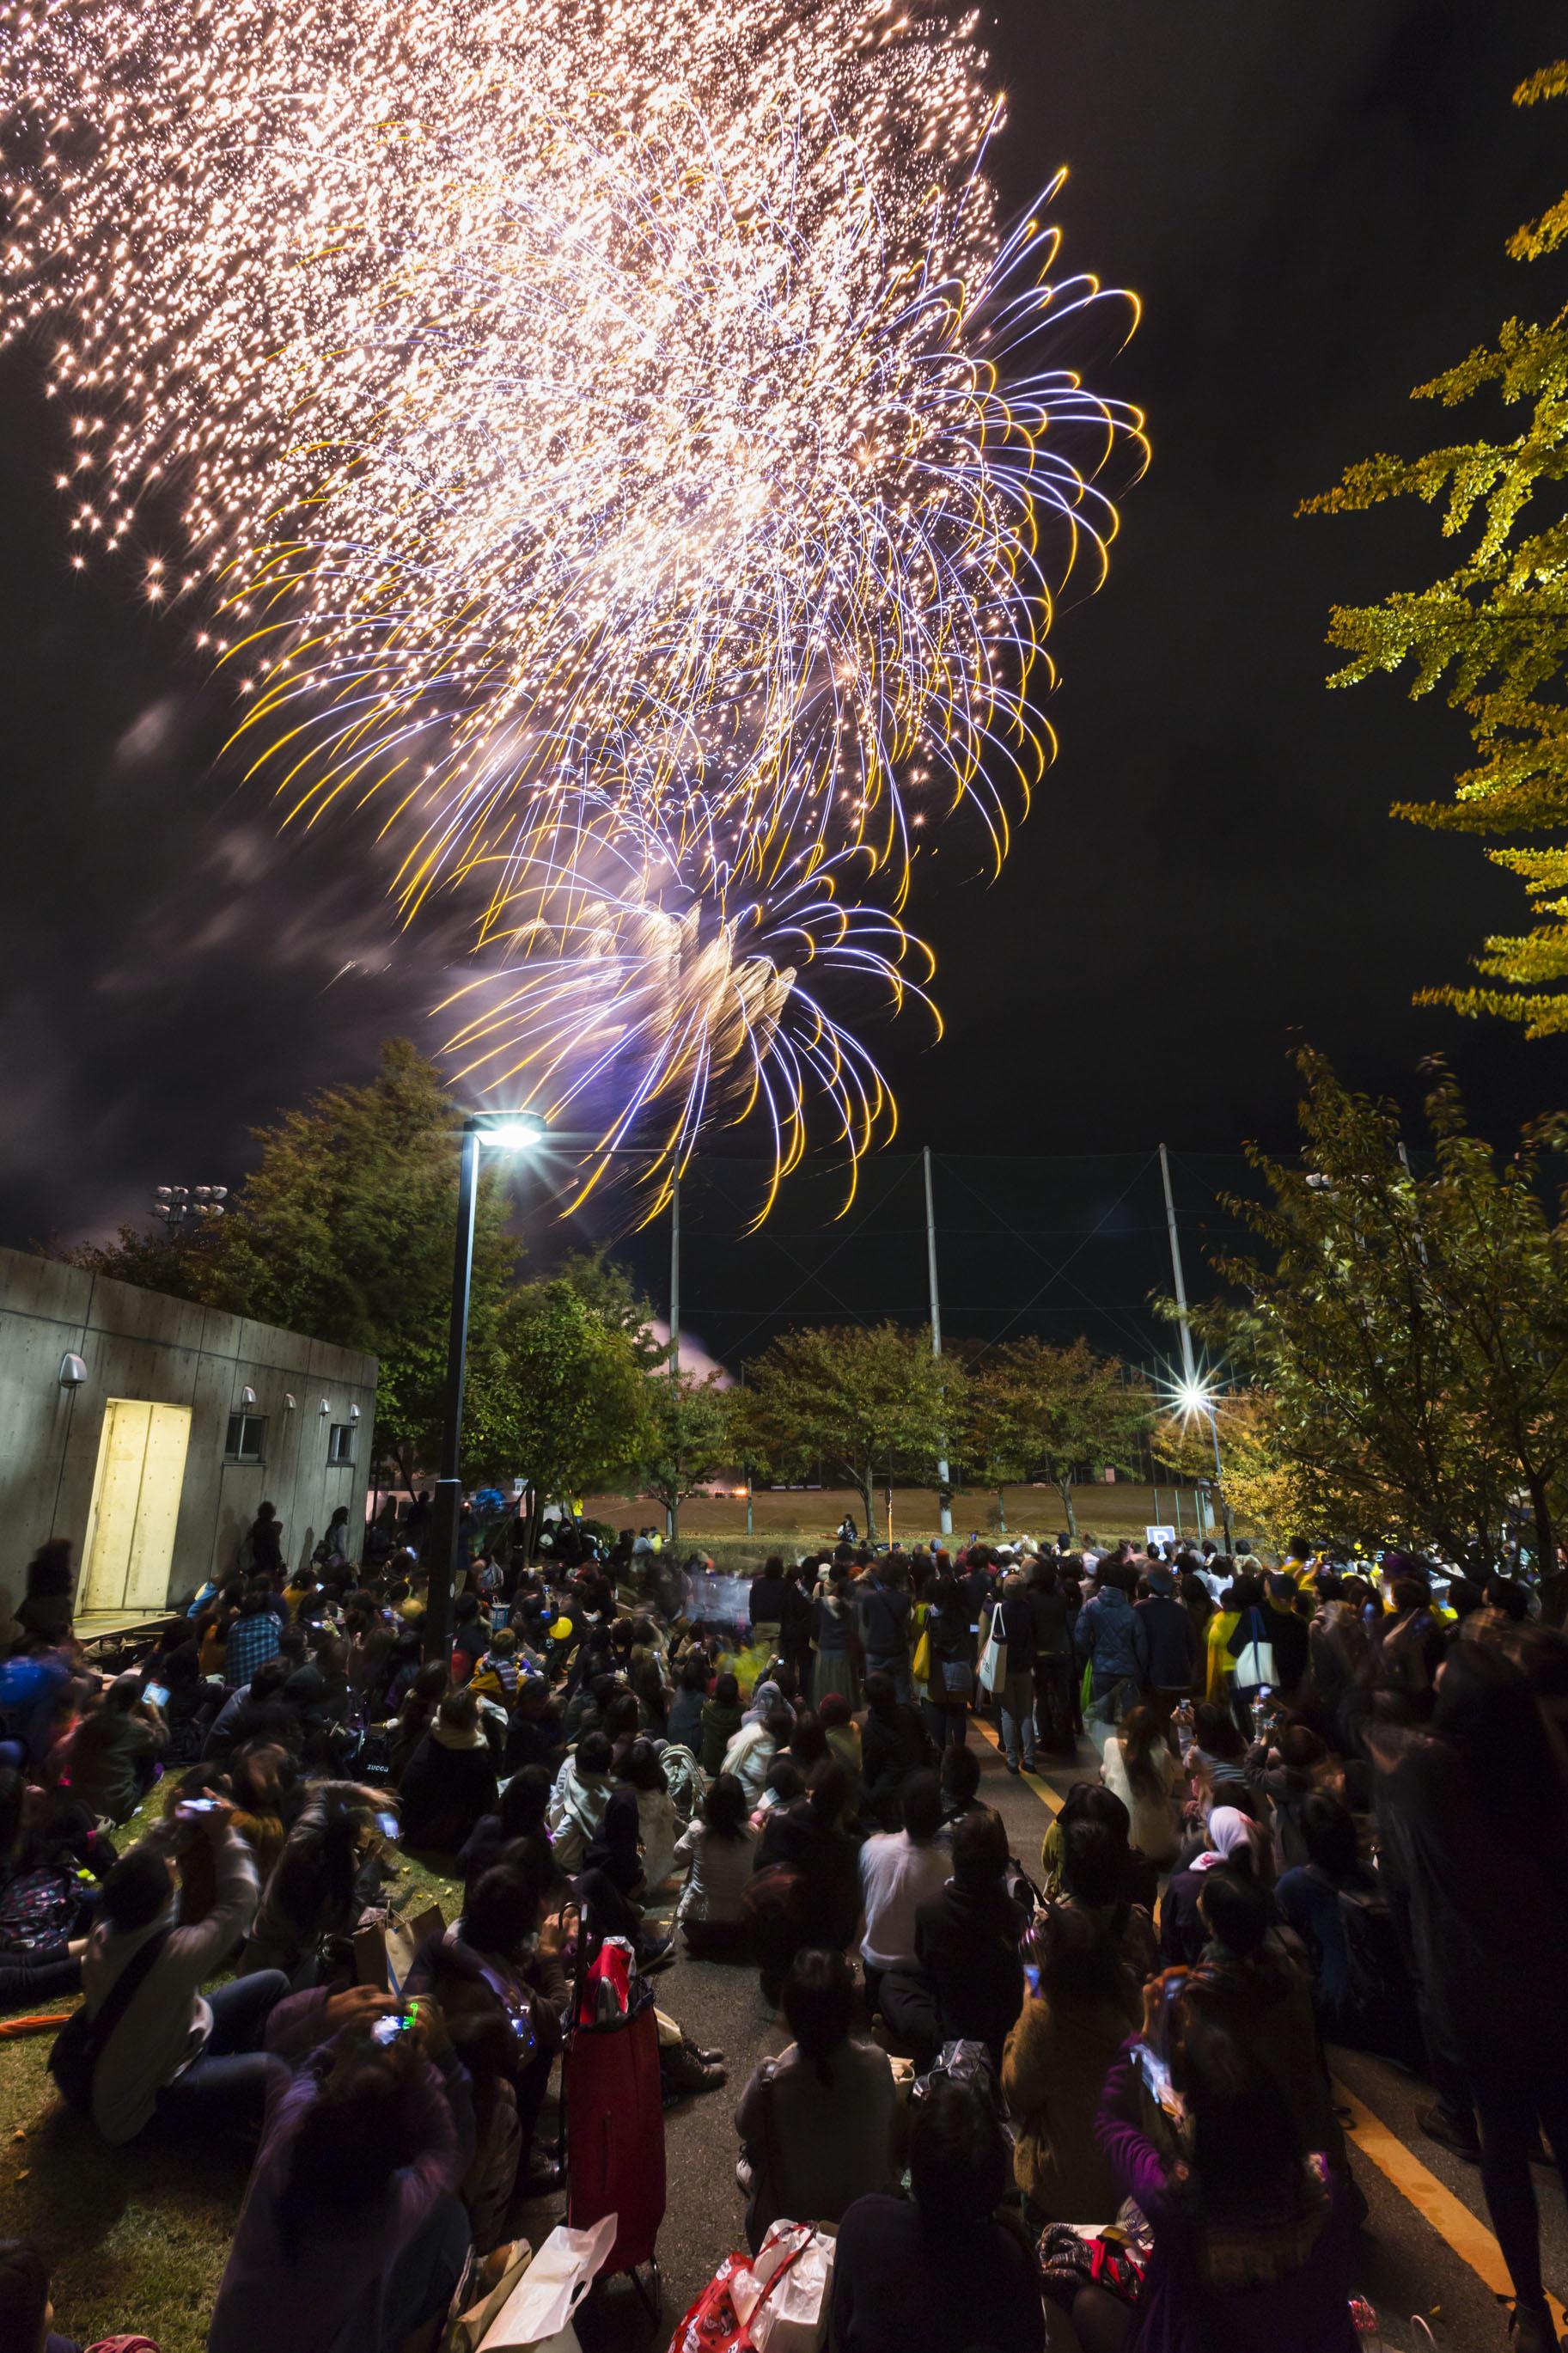 個性豊かな作品に出合える3日間。多摩美術大学の秋の祭典「芸術祭」。